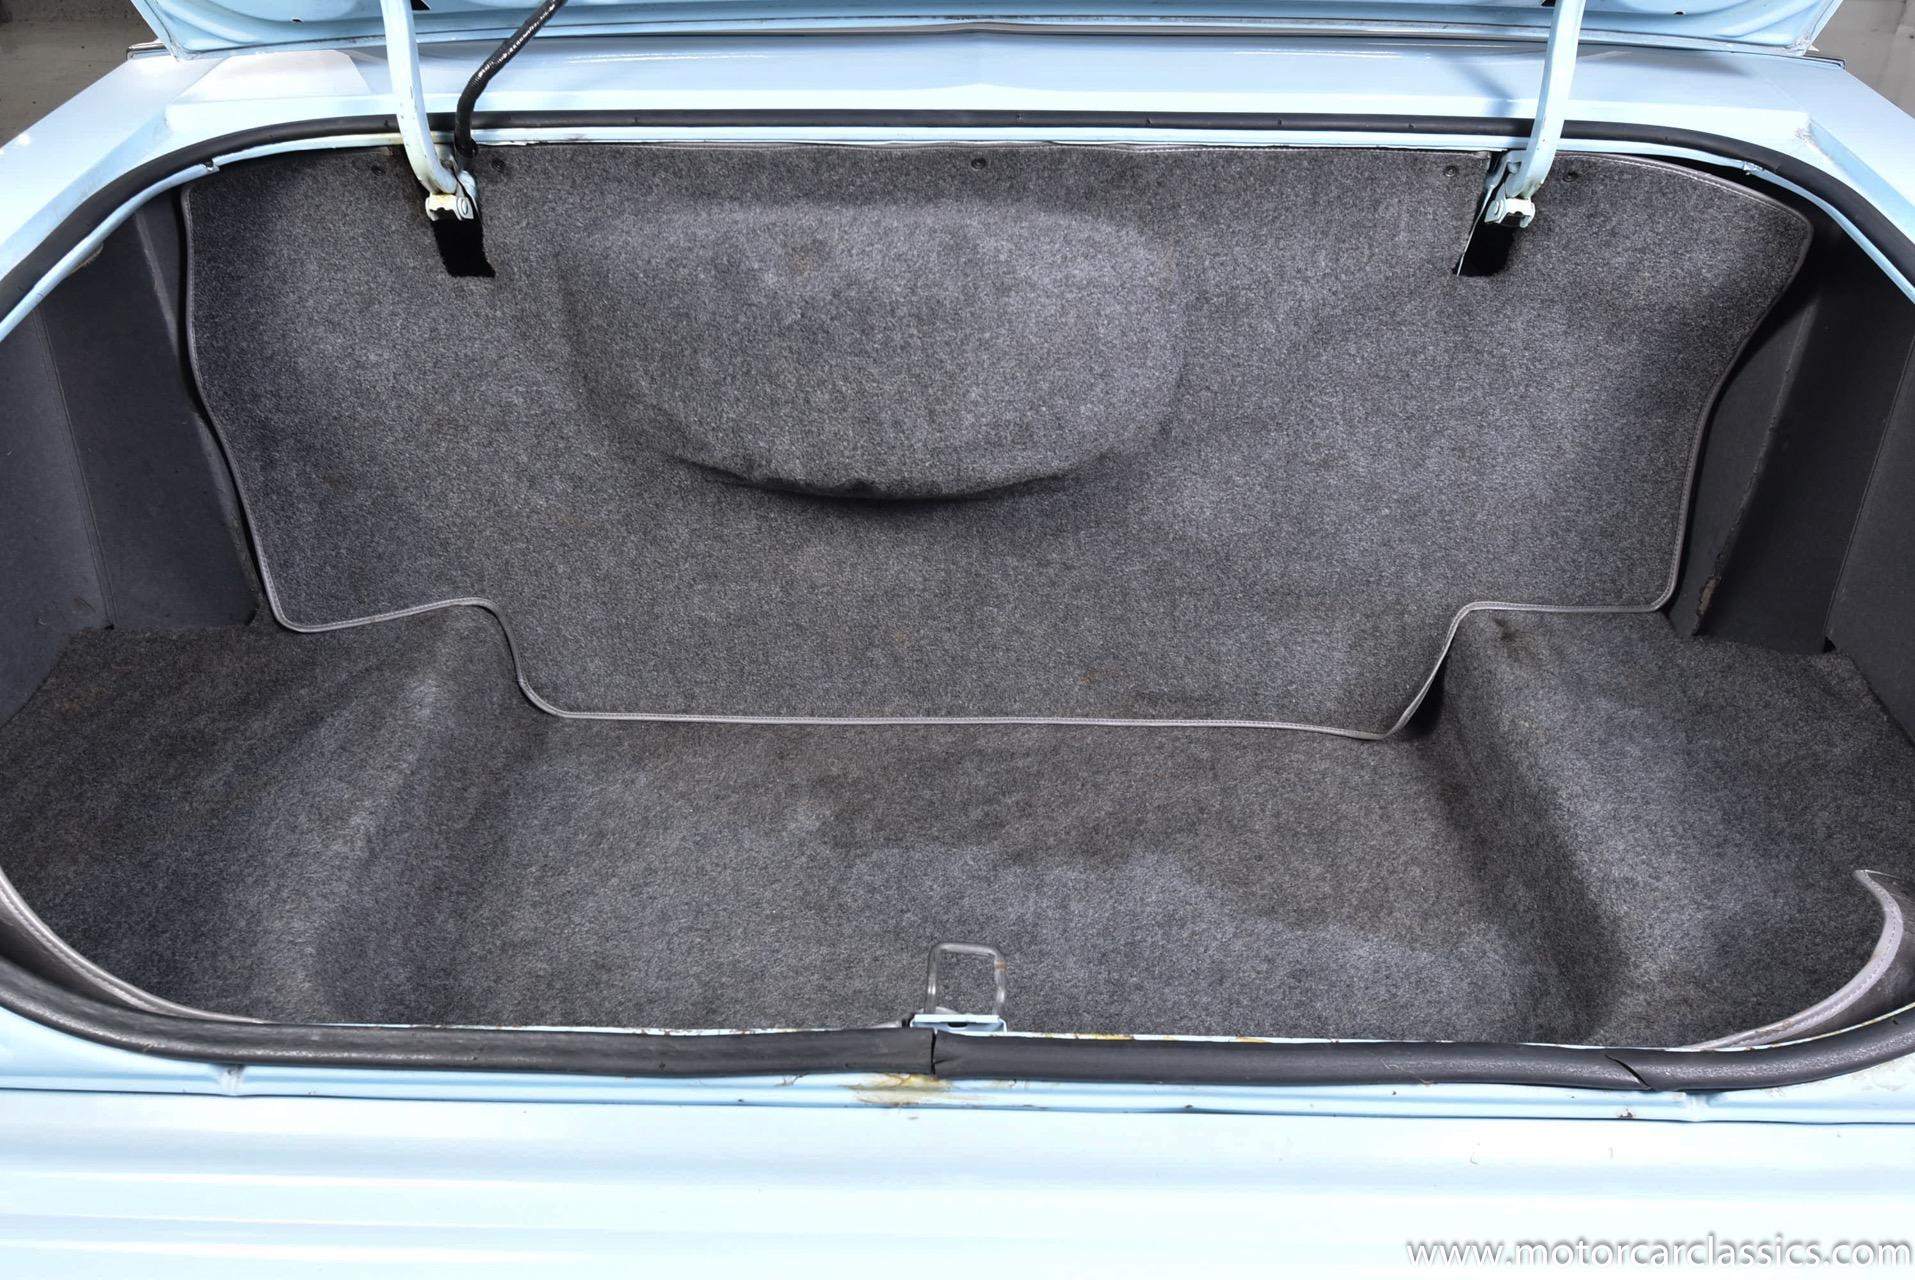 1977 Ford Galaxie LTD Landau